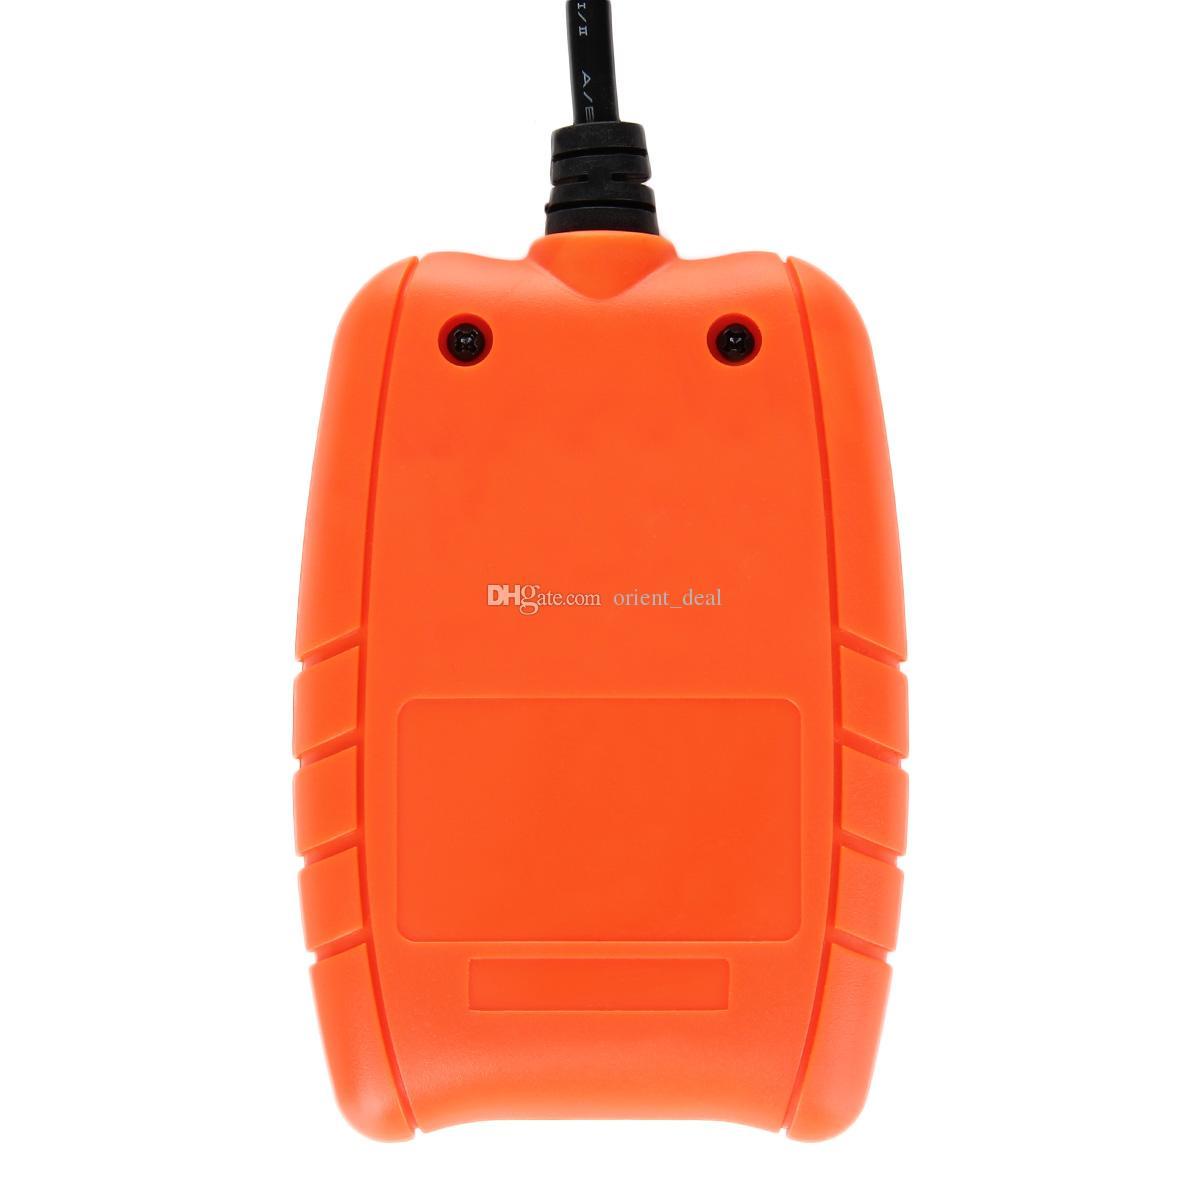 Vgate VC310 Interface 16PIN Compact Universel ODBII Scanner Auto Lecteur De Voiture Universel Outil De Diagnostic Livraison Gratuite